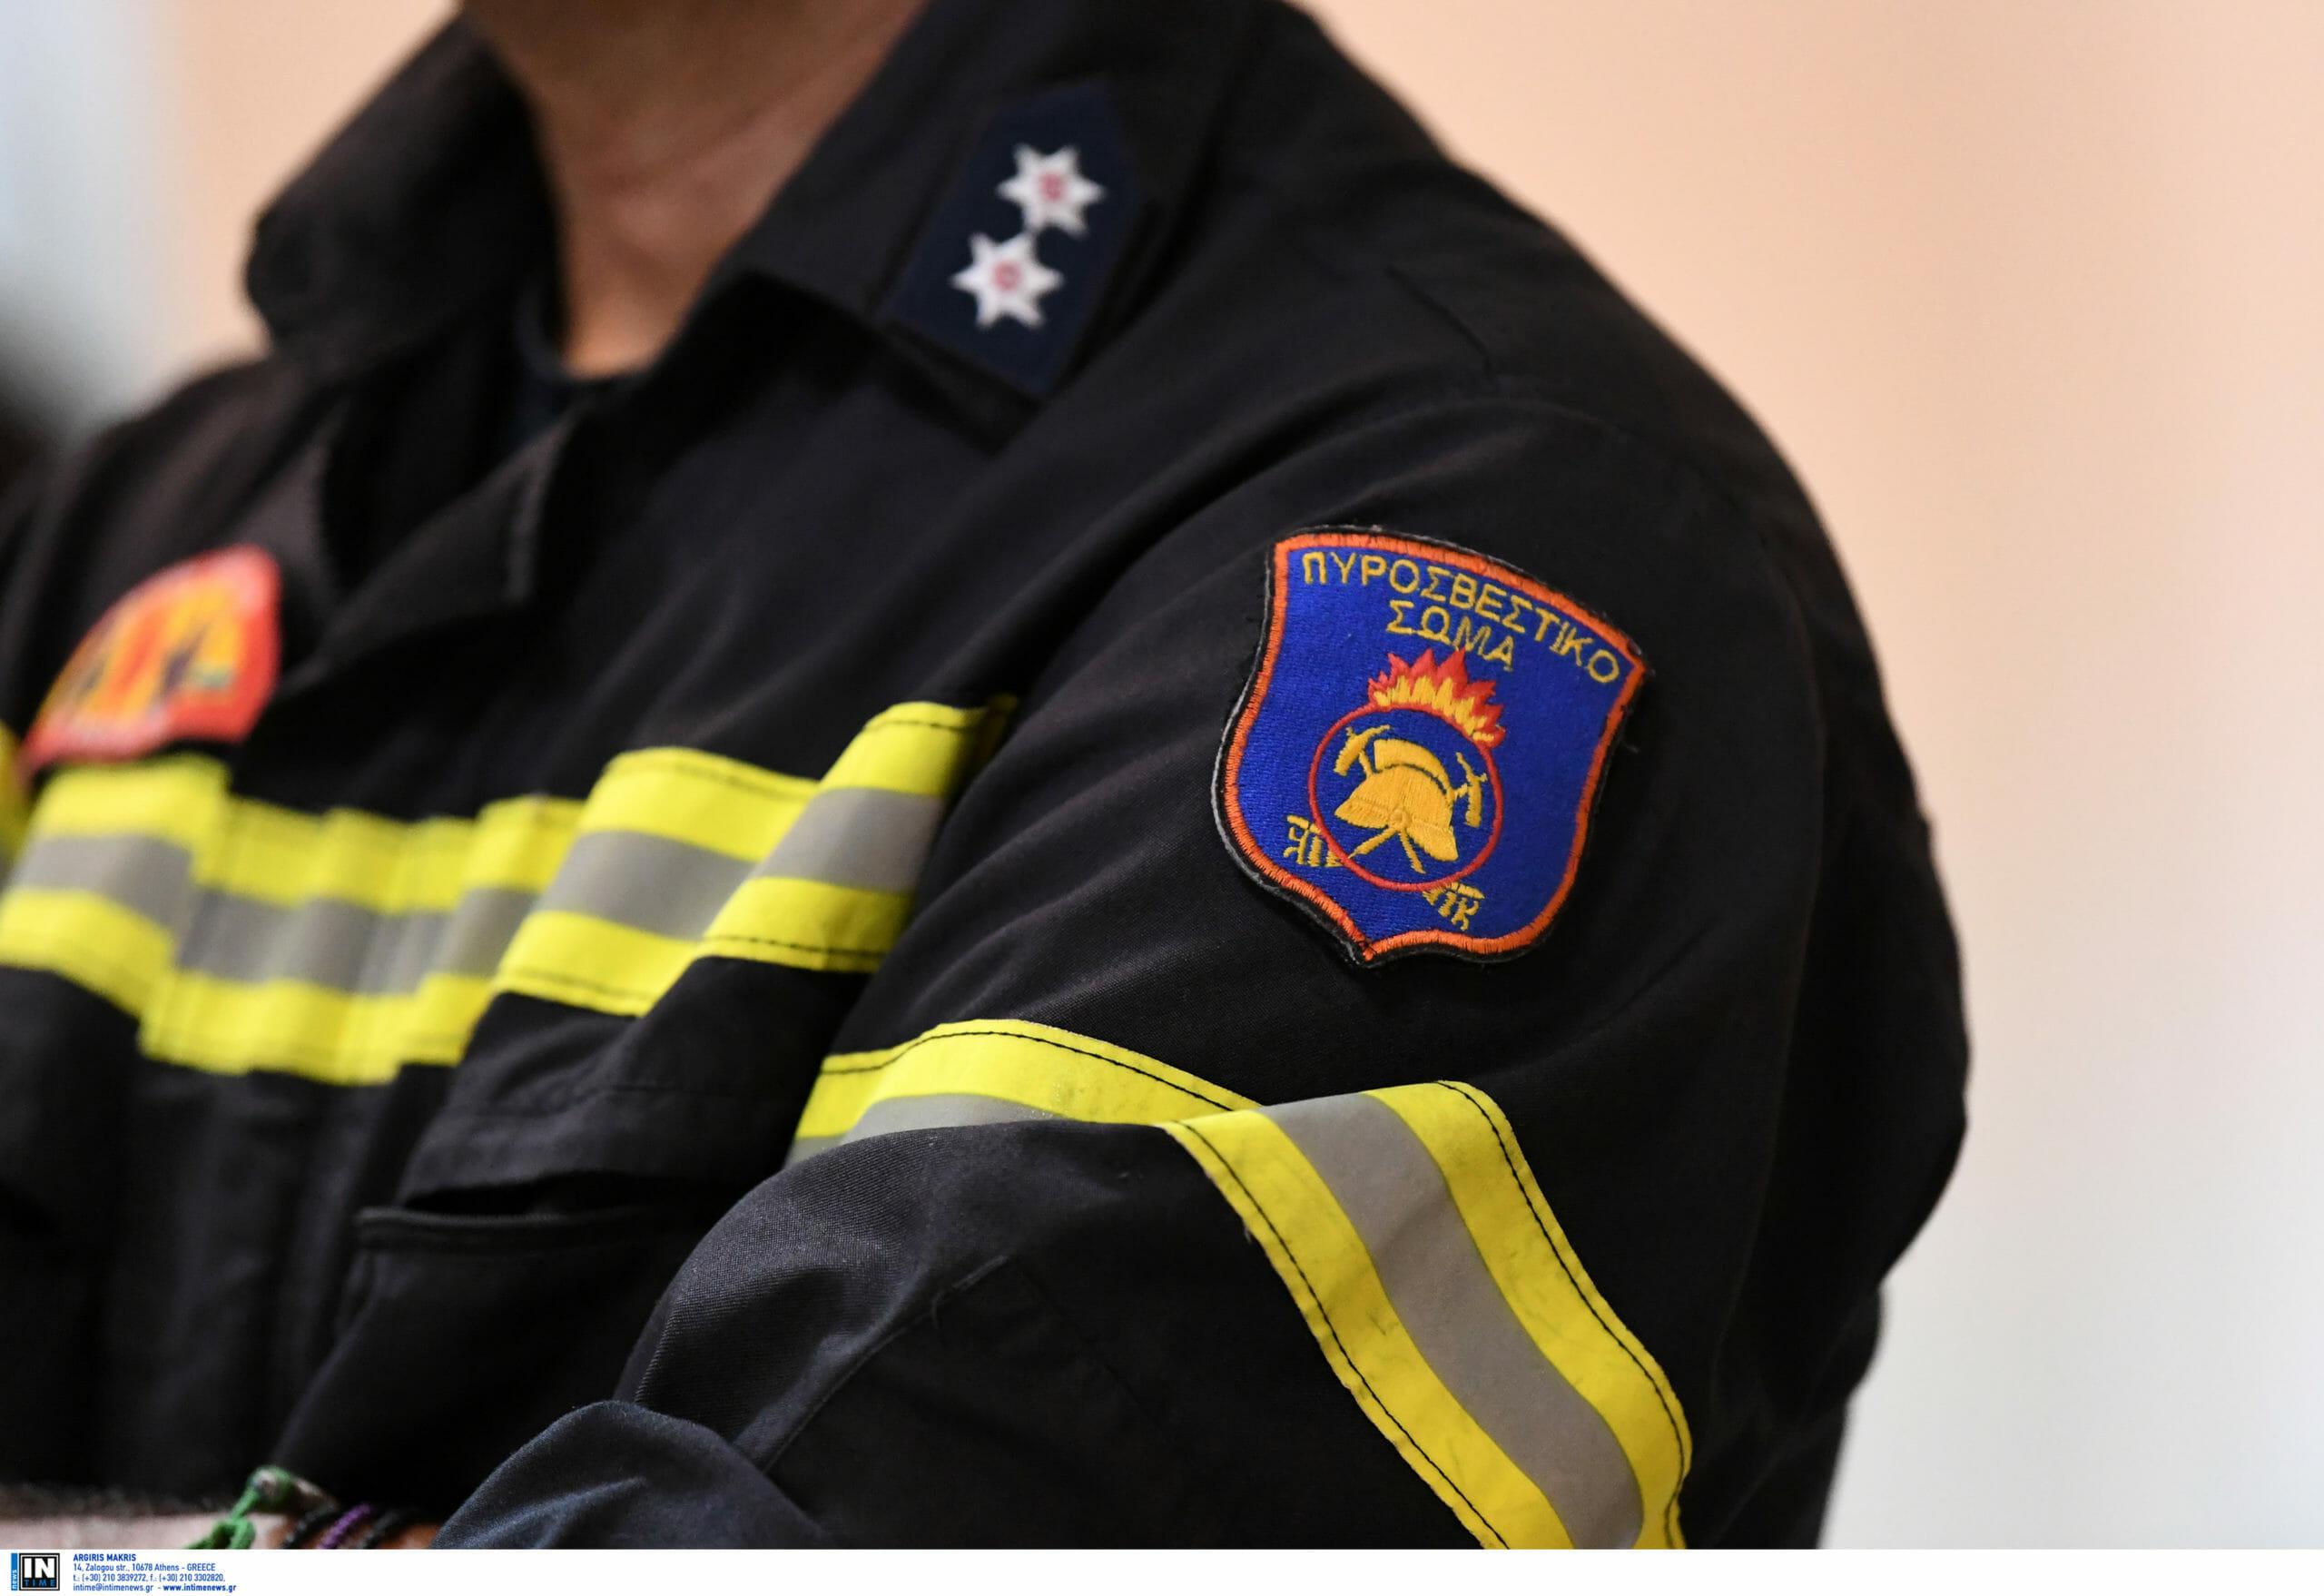 Κυπαρισσία: Νεκρός πυροσβέστης σε φοβερό τροχαίο – Παρασύρθηκε μόλις βγήκε από το πυροσβεστικό όχημα